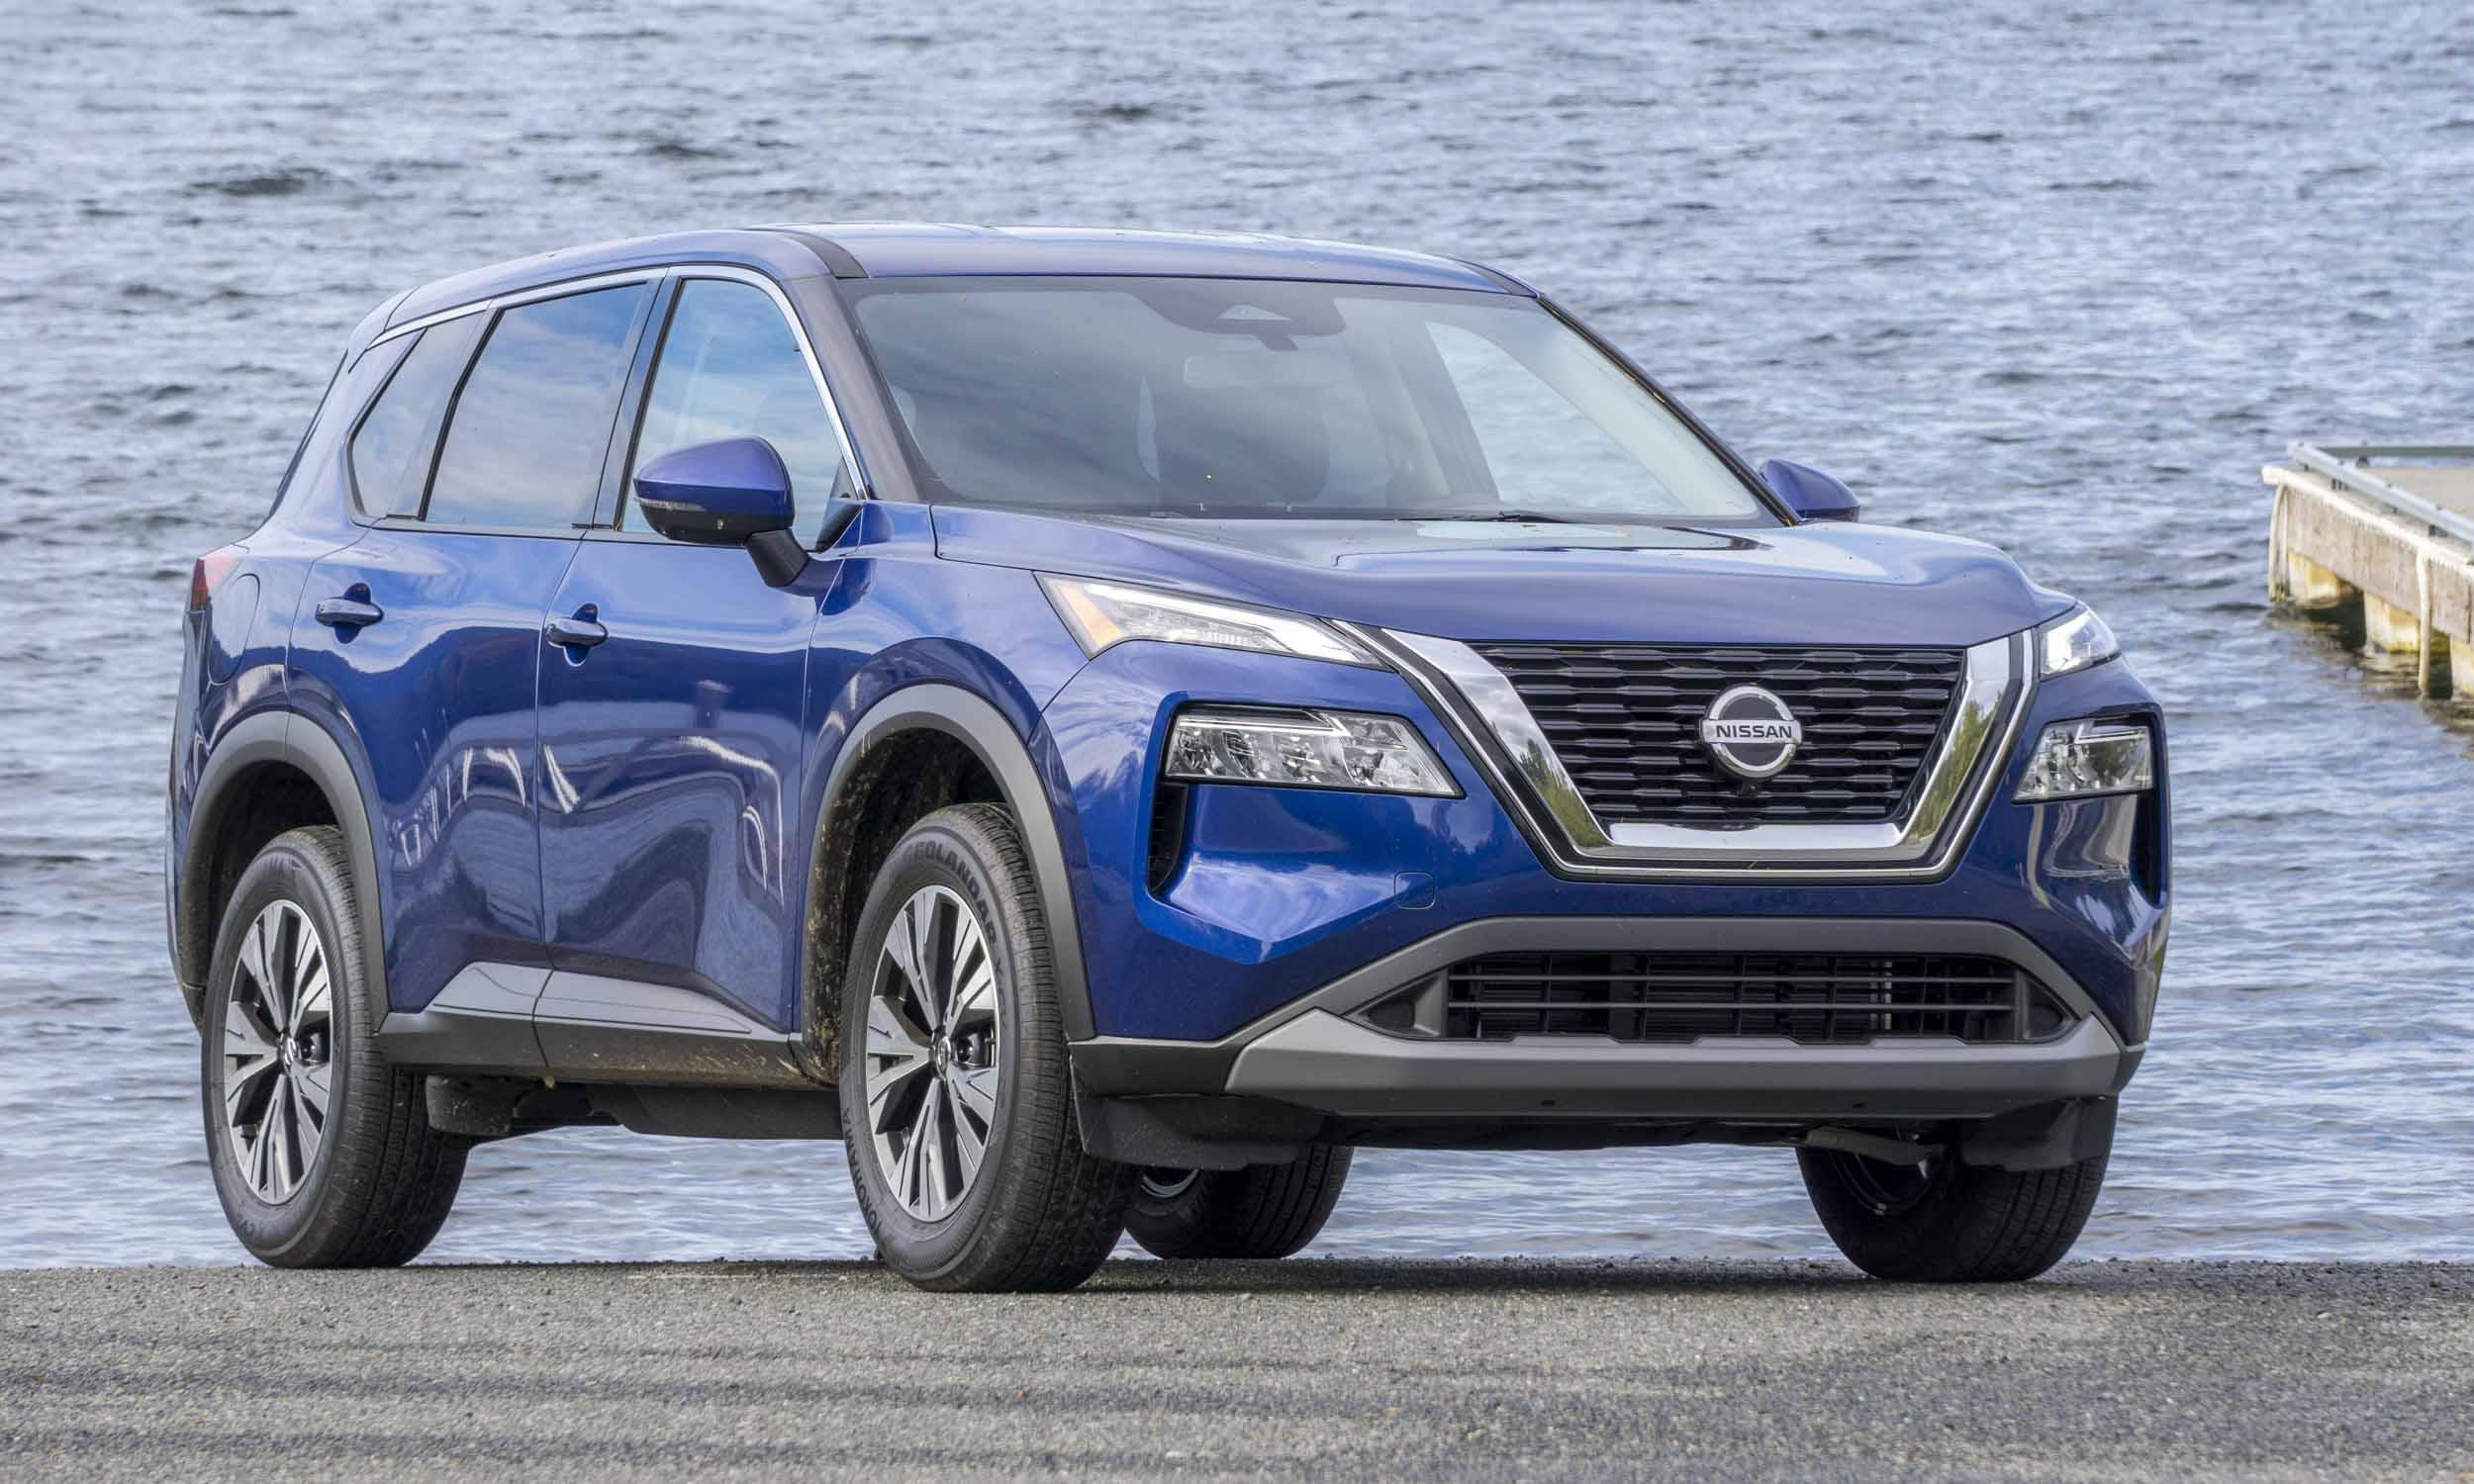 2021 Nissan Roguenbsp